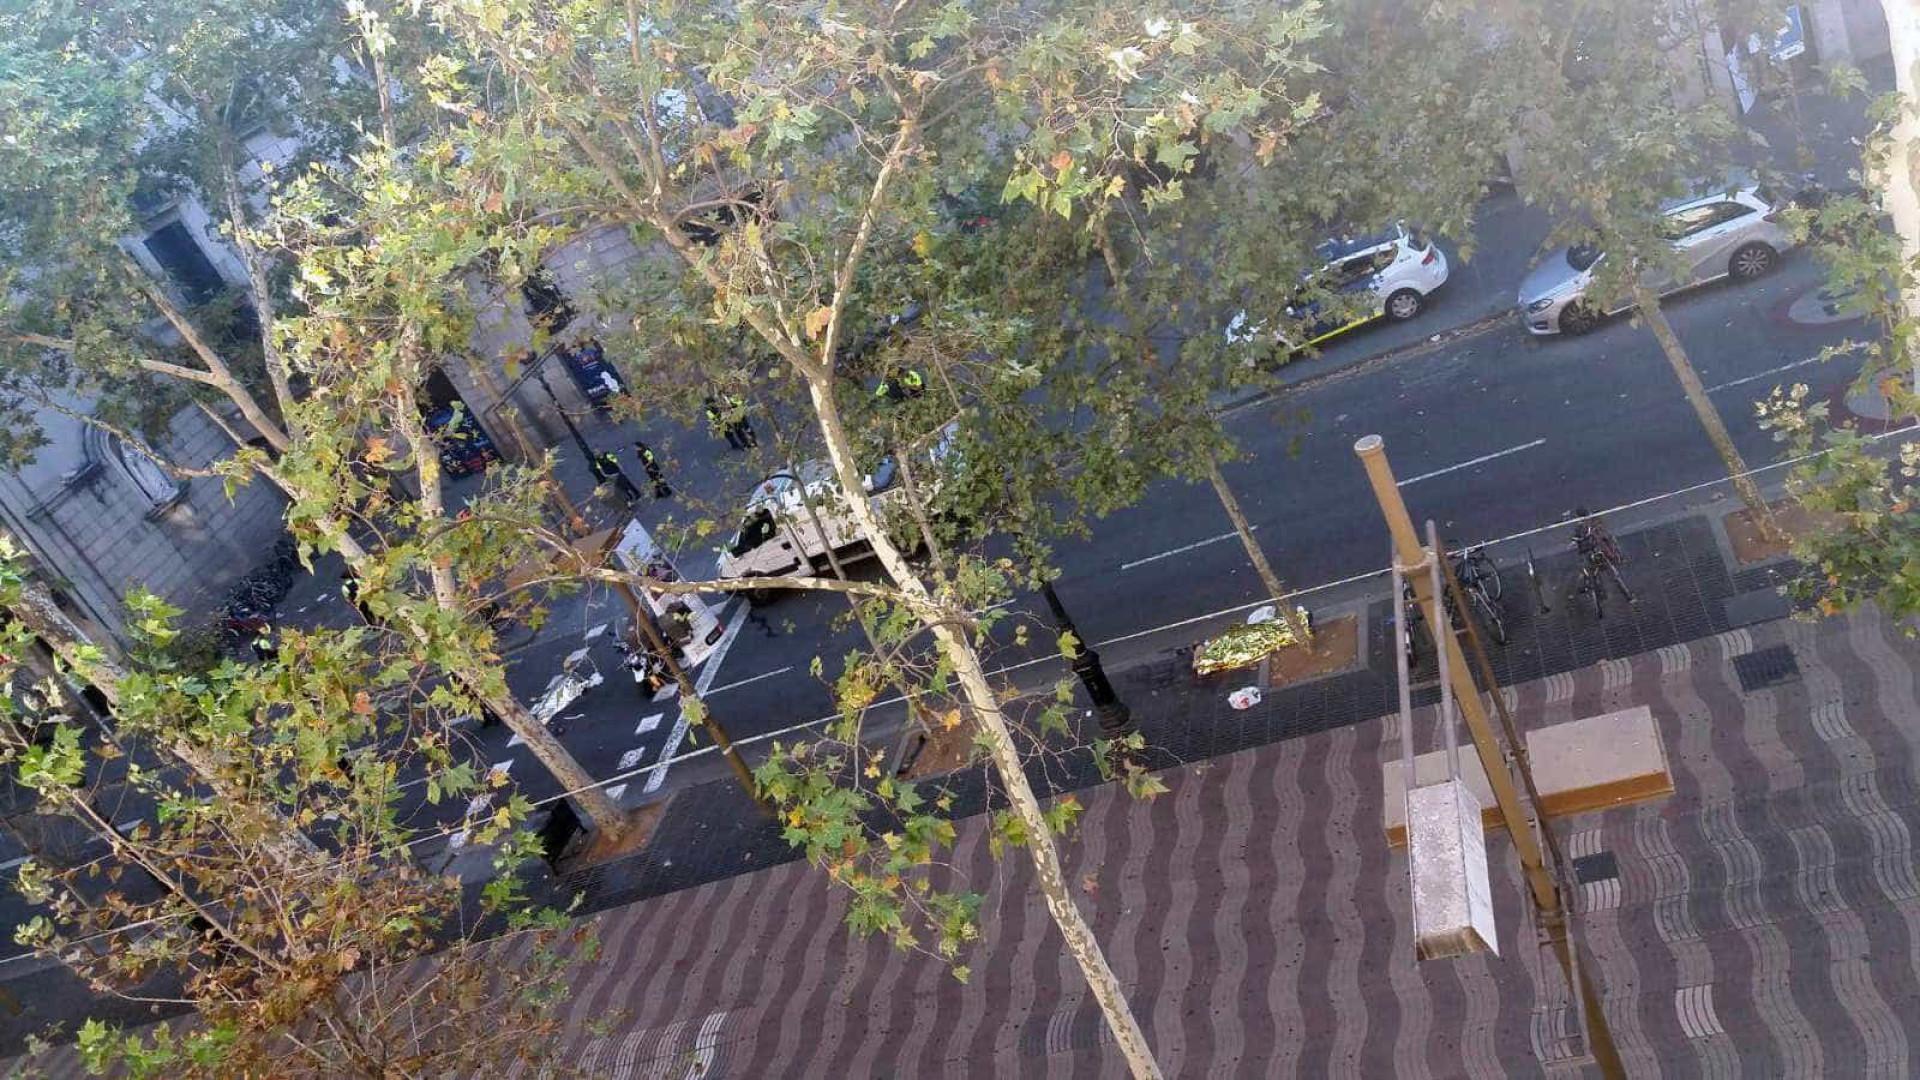 Ataque em Cambrils é ligado ao atentado em Barcelona, diz Catalunha